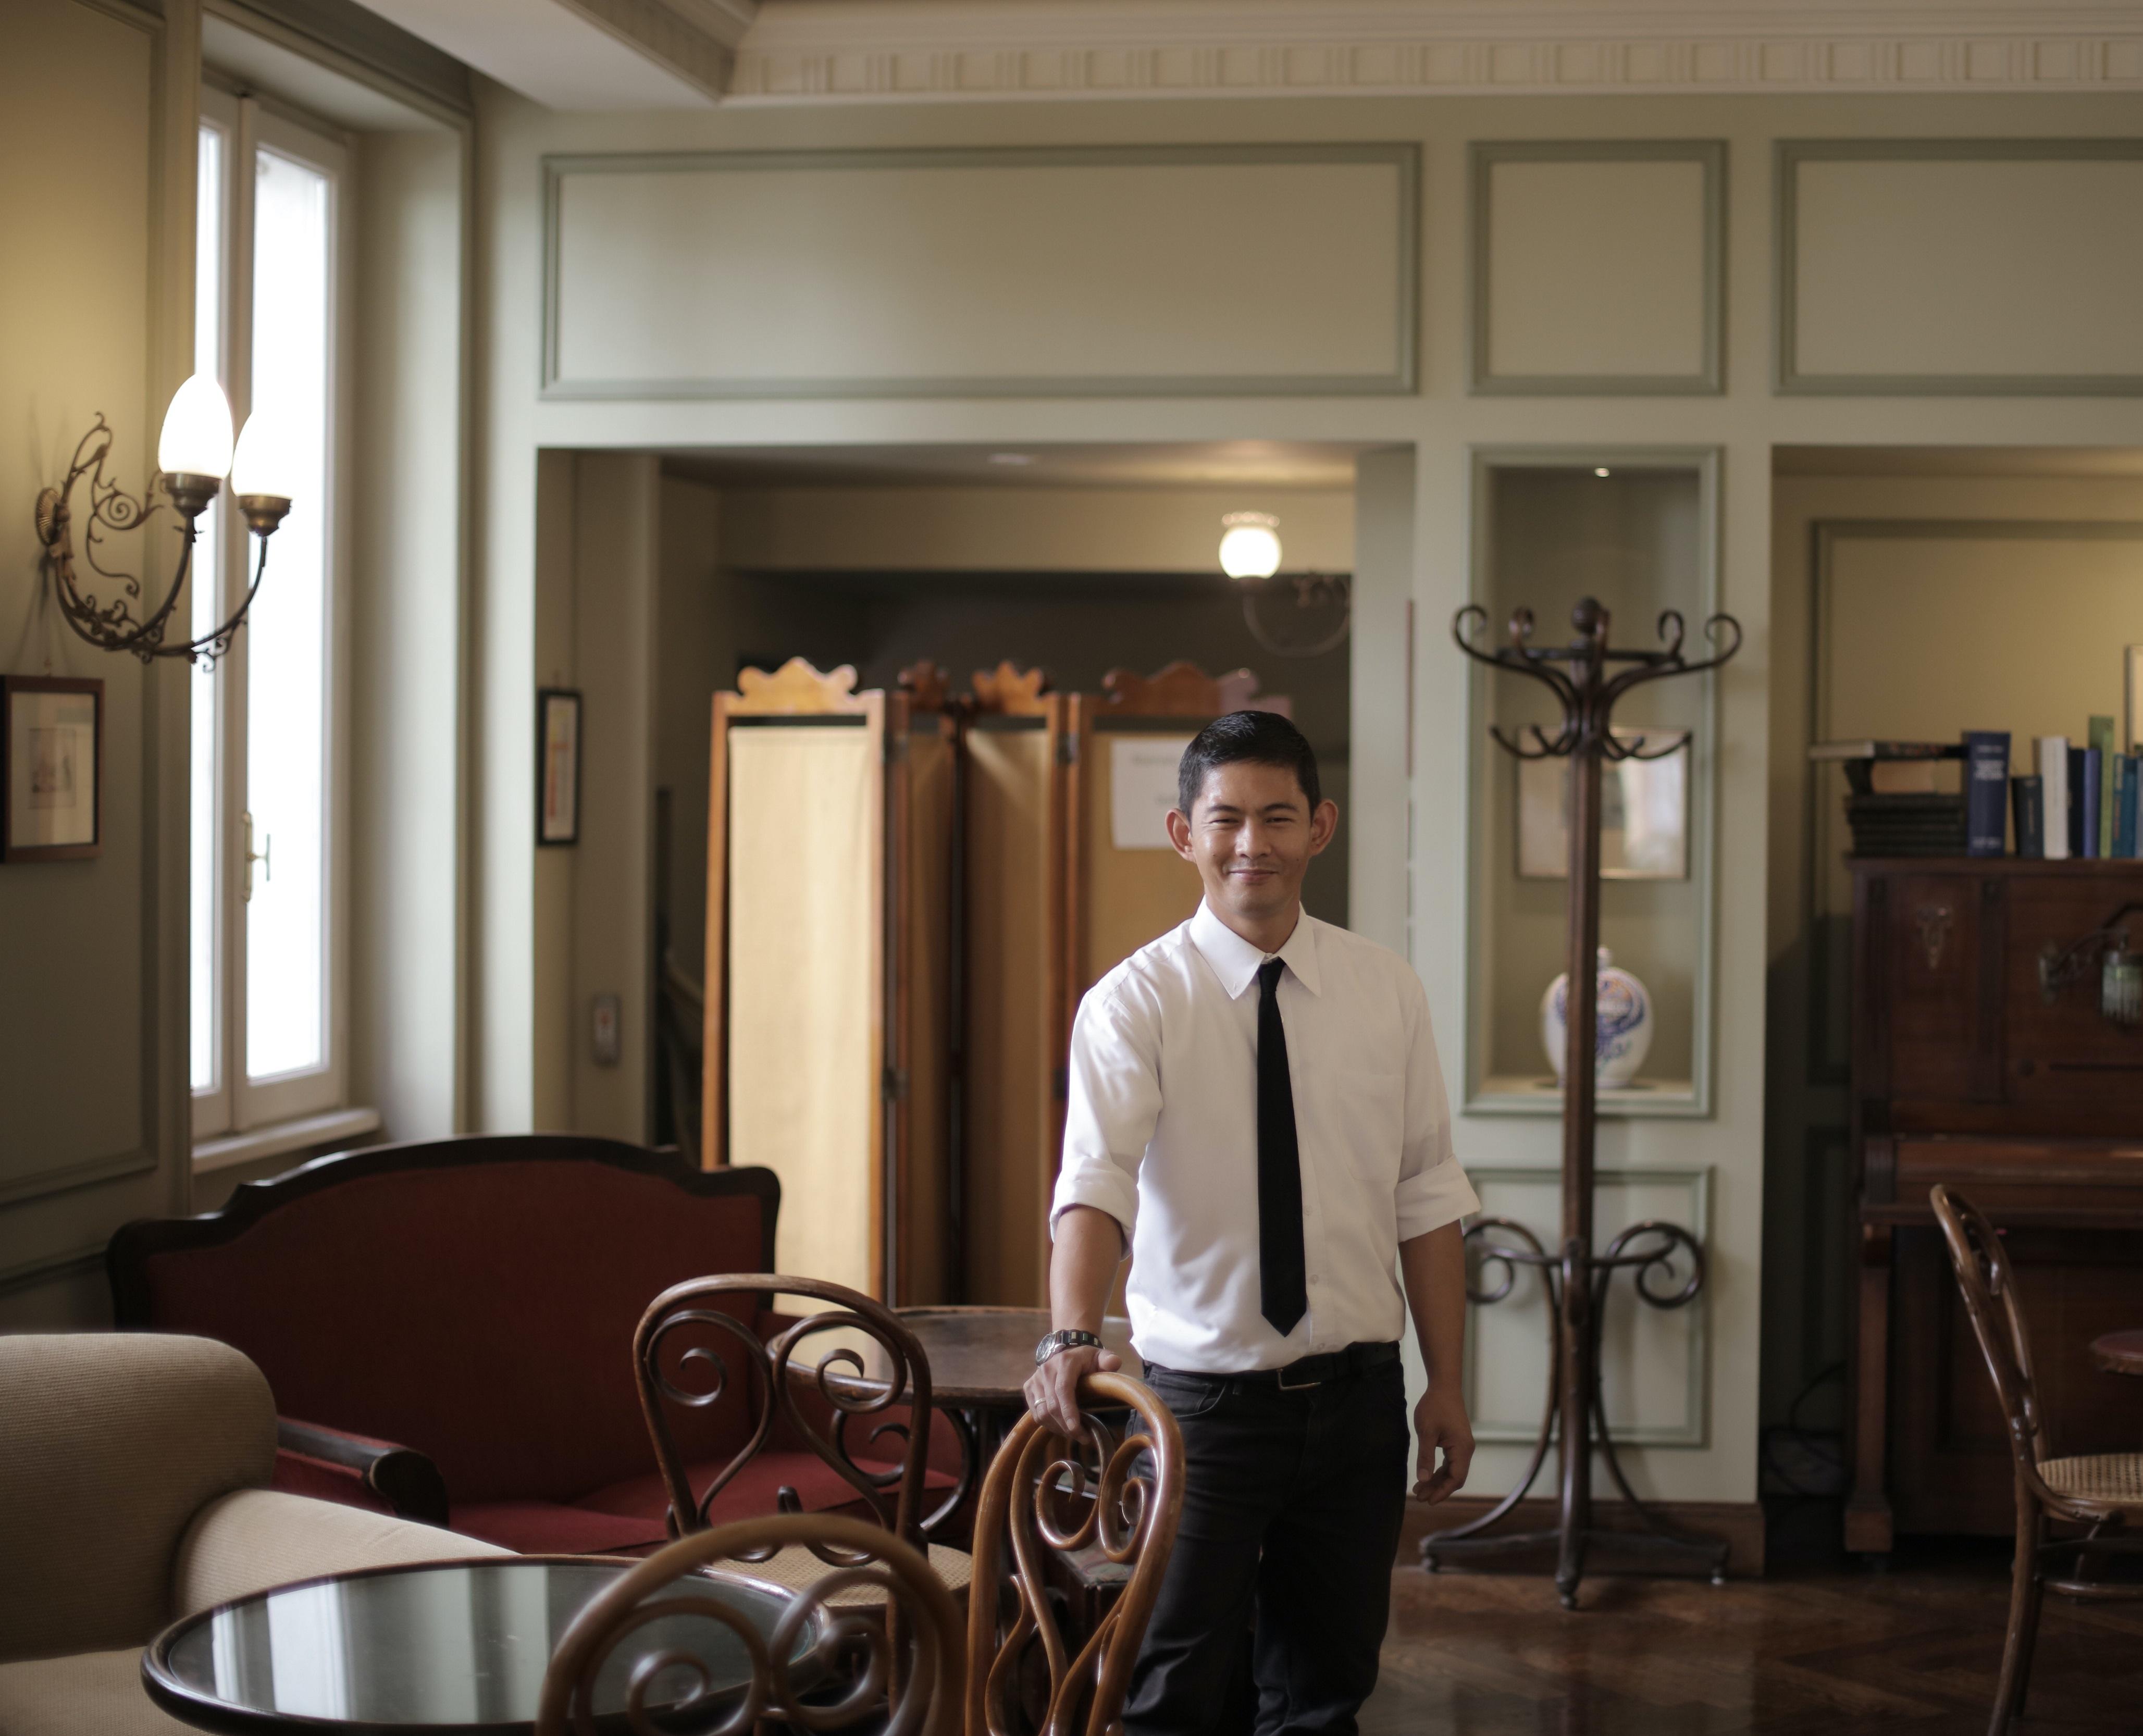 man in tie standing in antique looking room